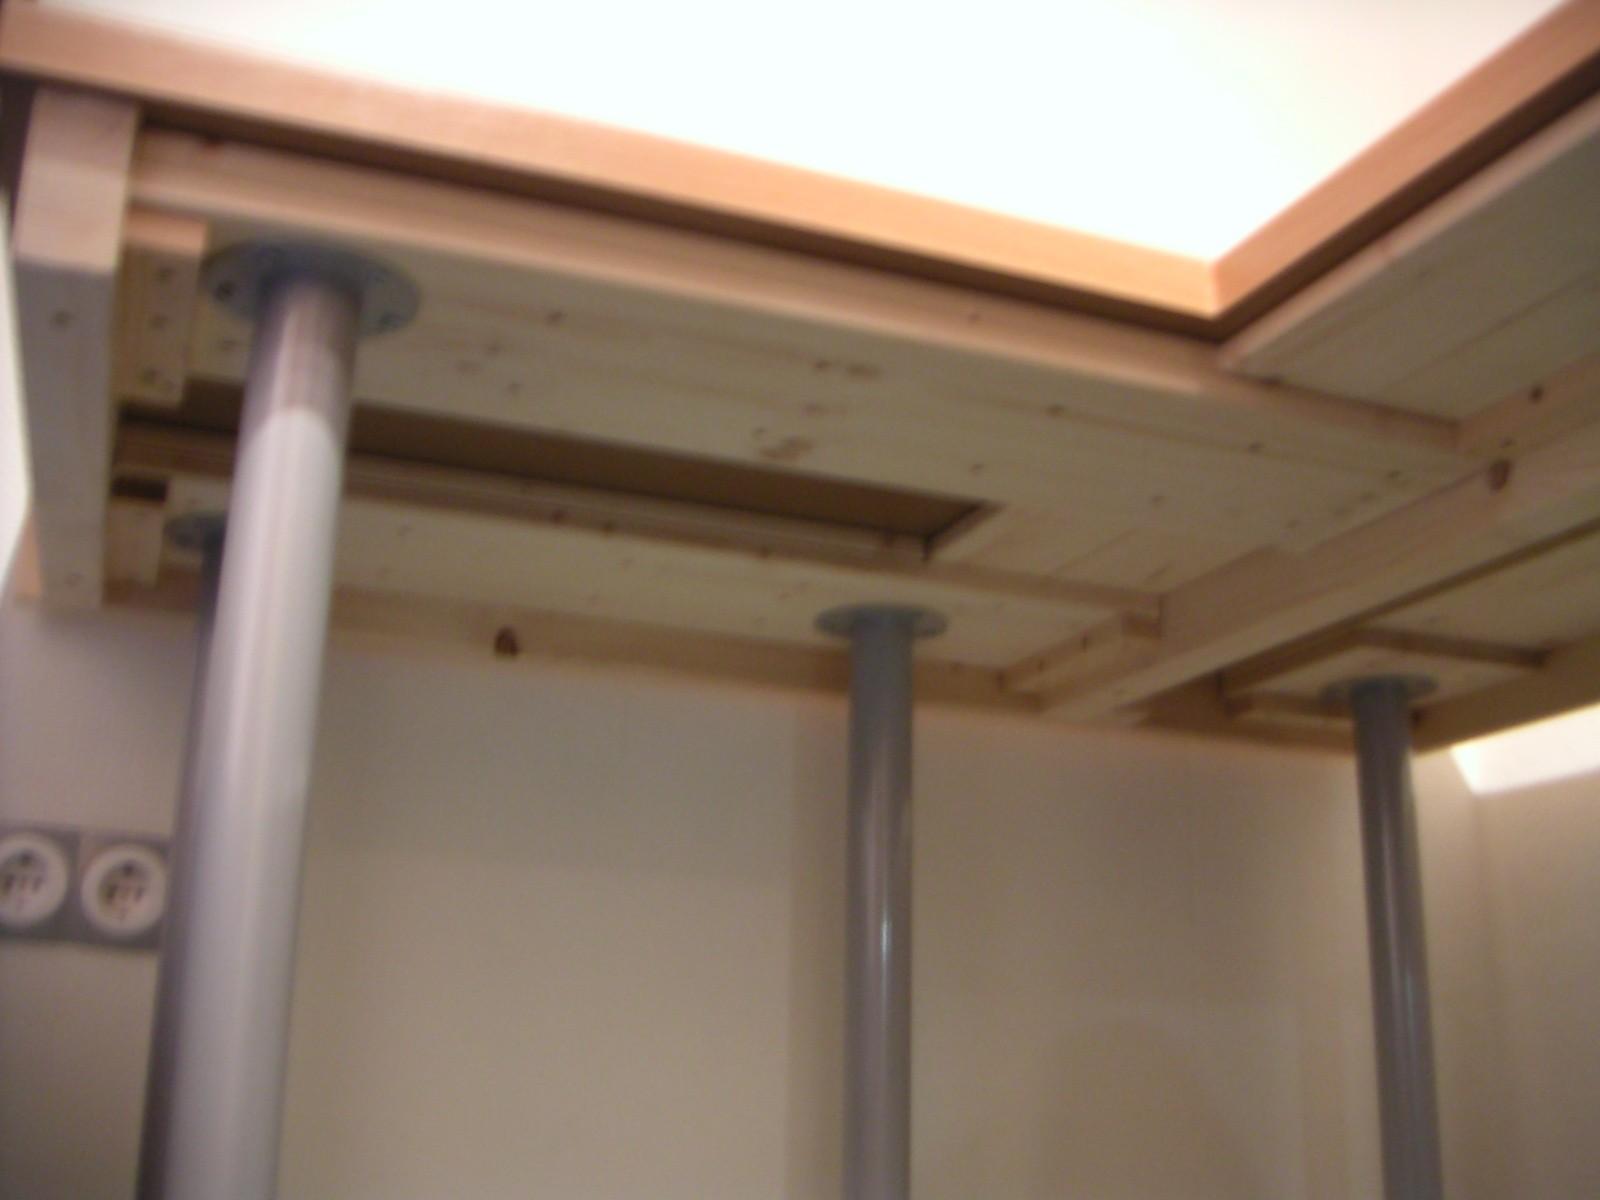 Kühlschrank Untergestell : Unterschrank für kühlschrank ikea kühlschrank untergestell möbel